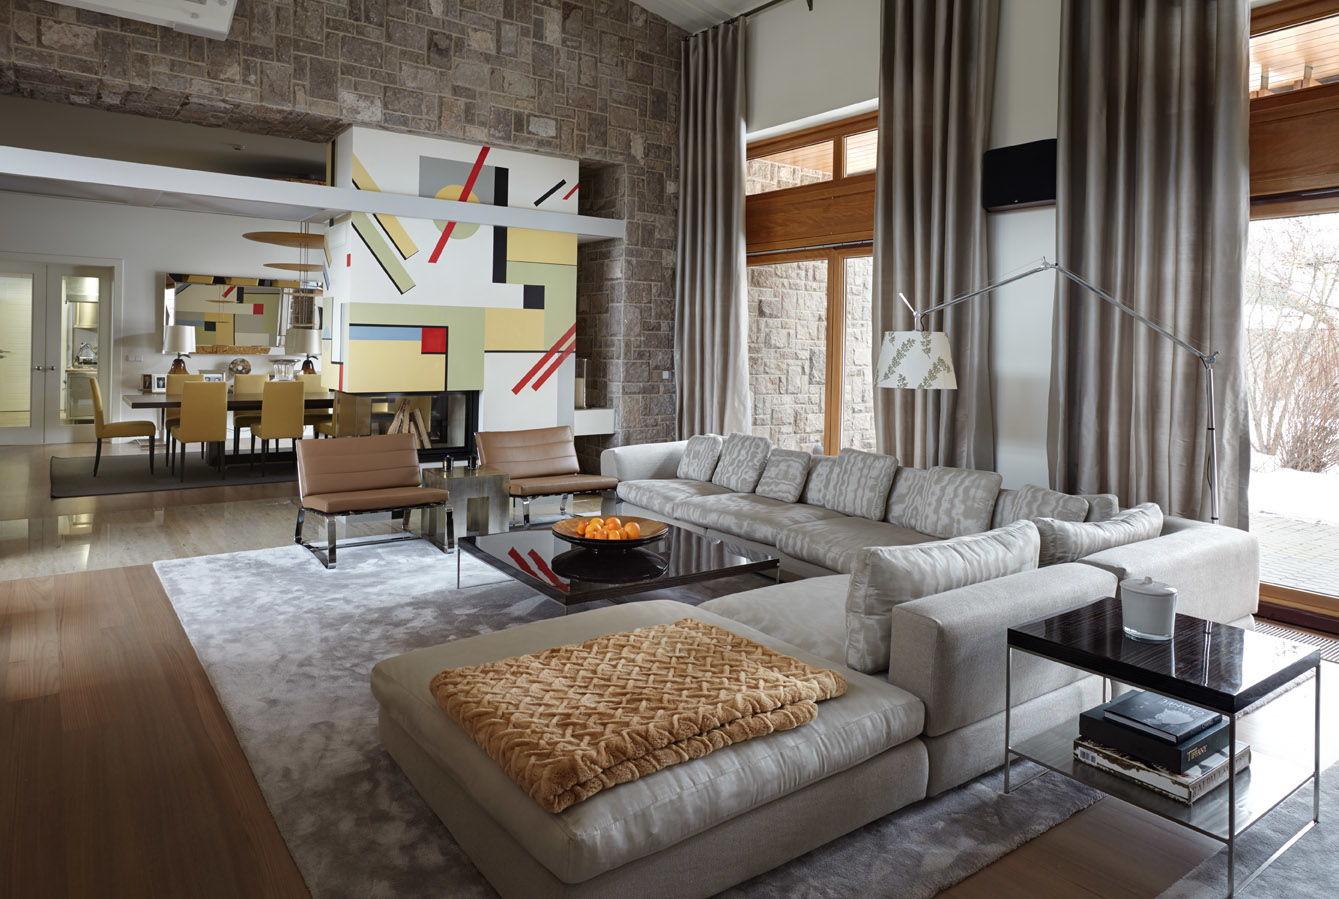 Дизайн интерьера в стиле контемпорари: описание, выбор отделки, мебели и декора